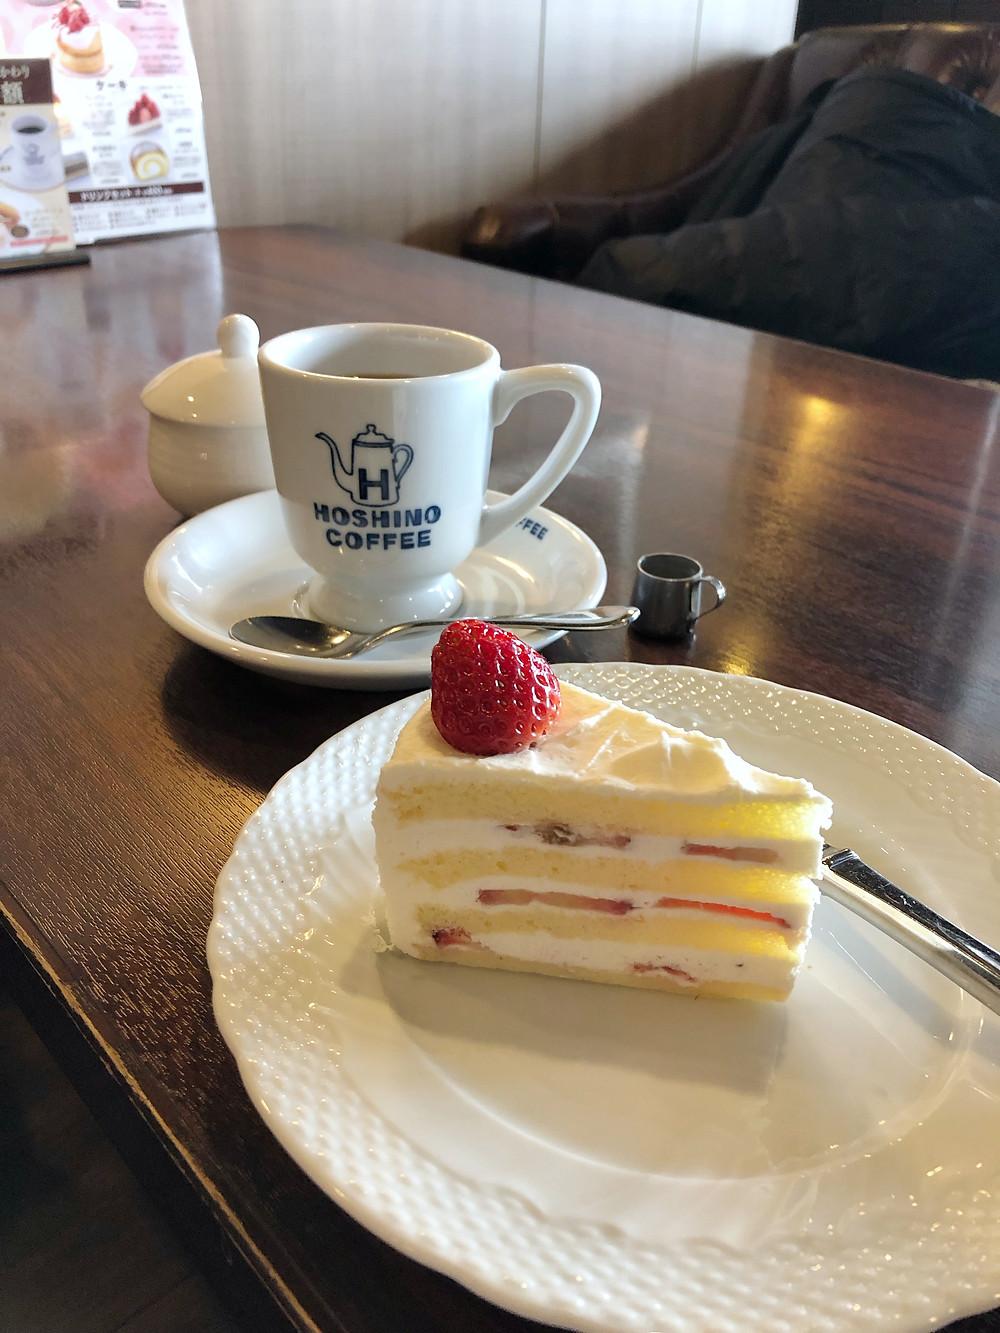 Hoshino Coffee shibuya tokyo Cookingwiththehamster